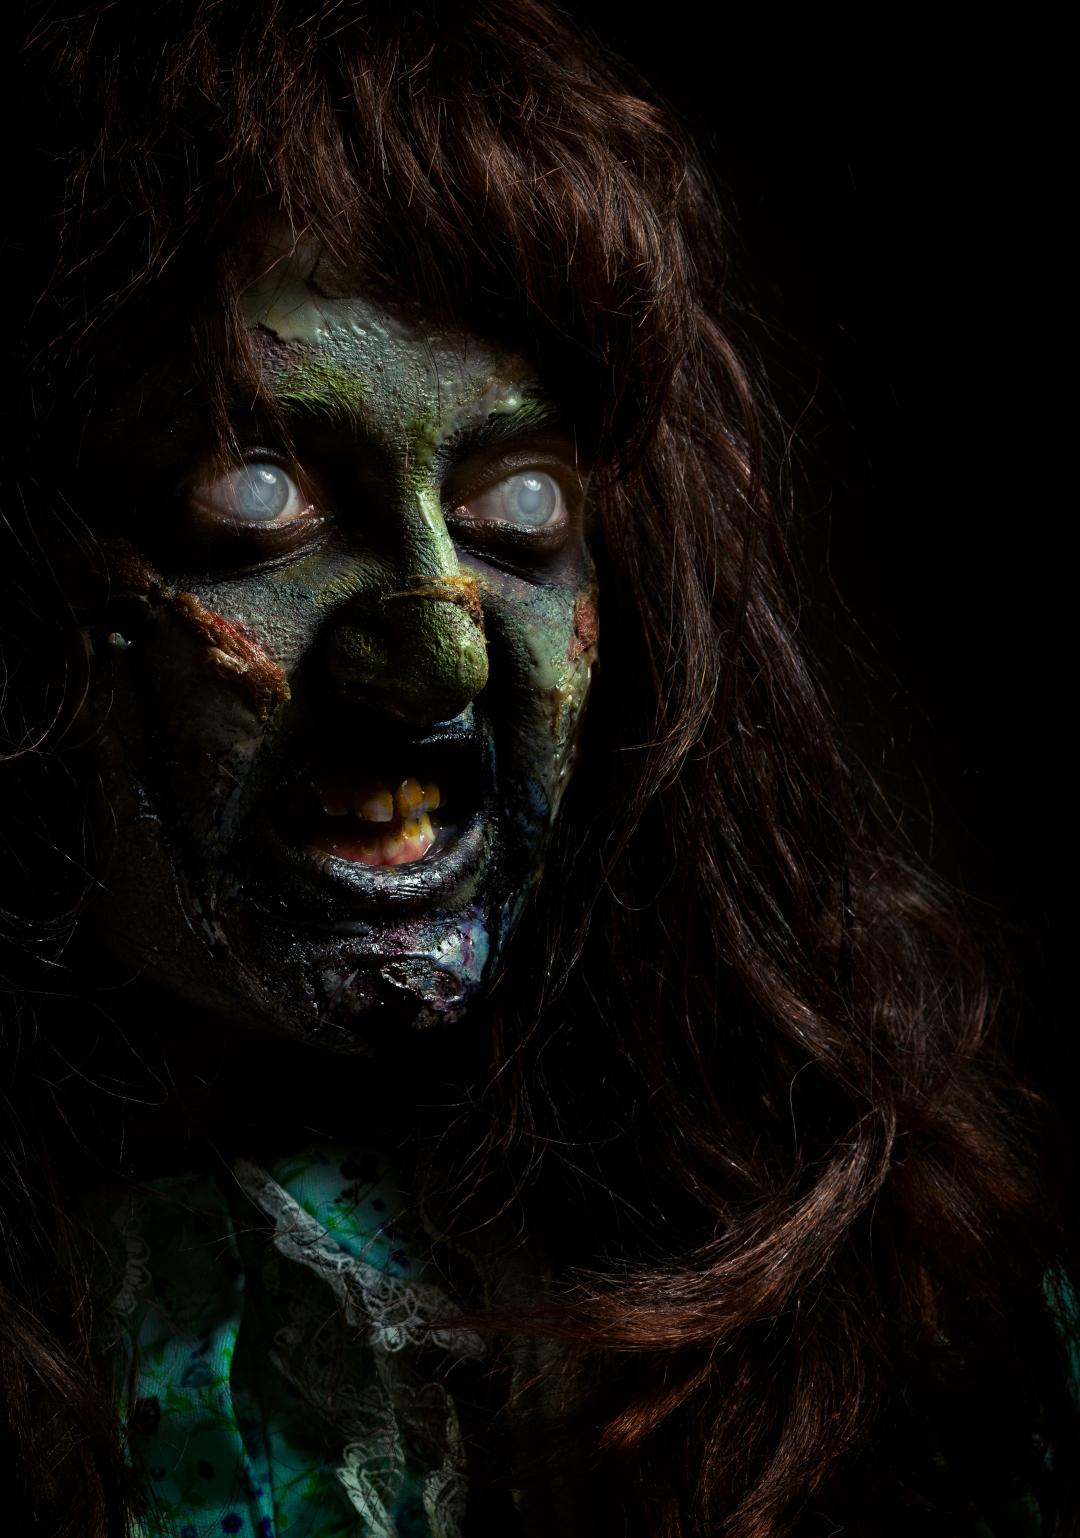 Zombiethisishalloweenphotography-10122013